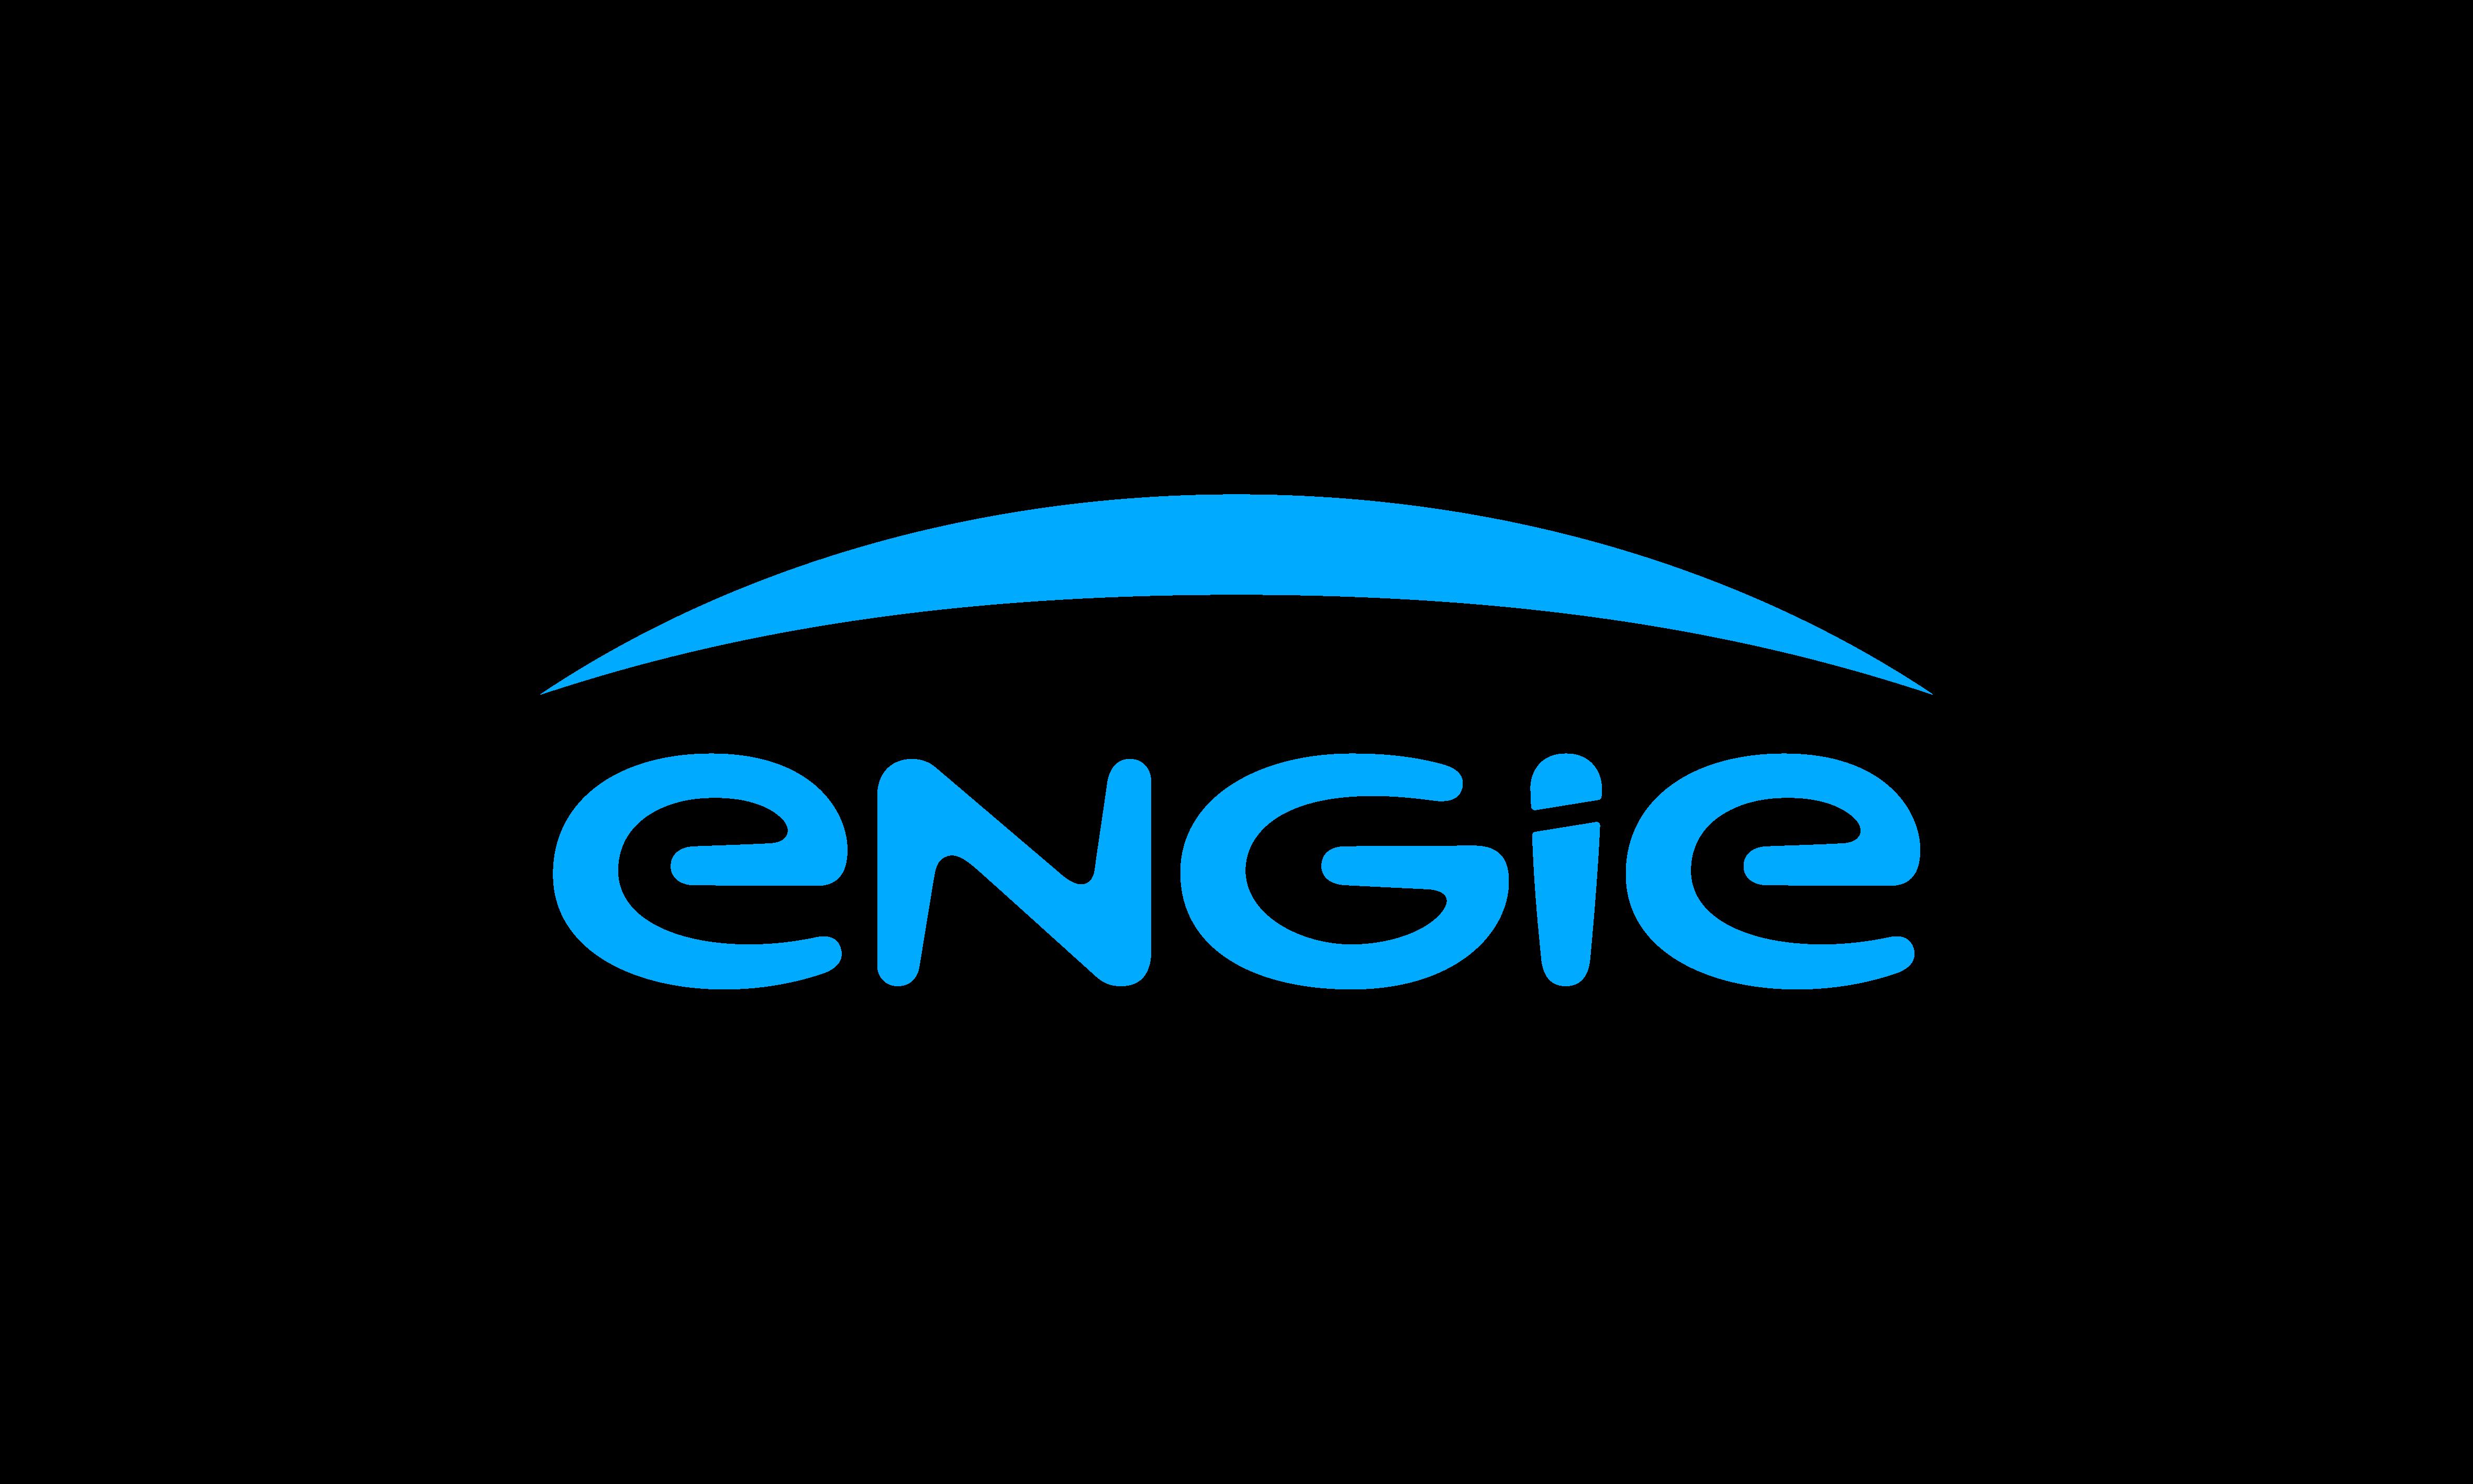 ENGIE_logotype_2018